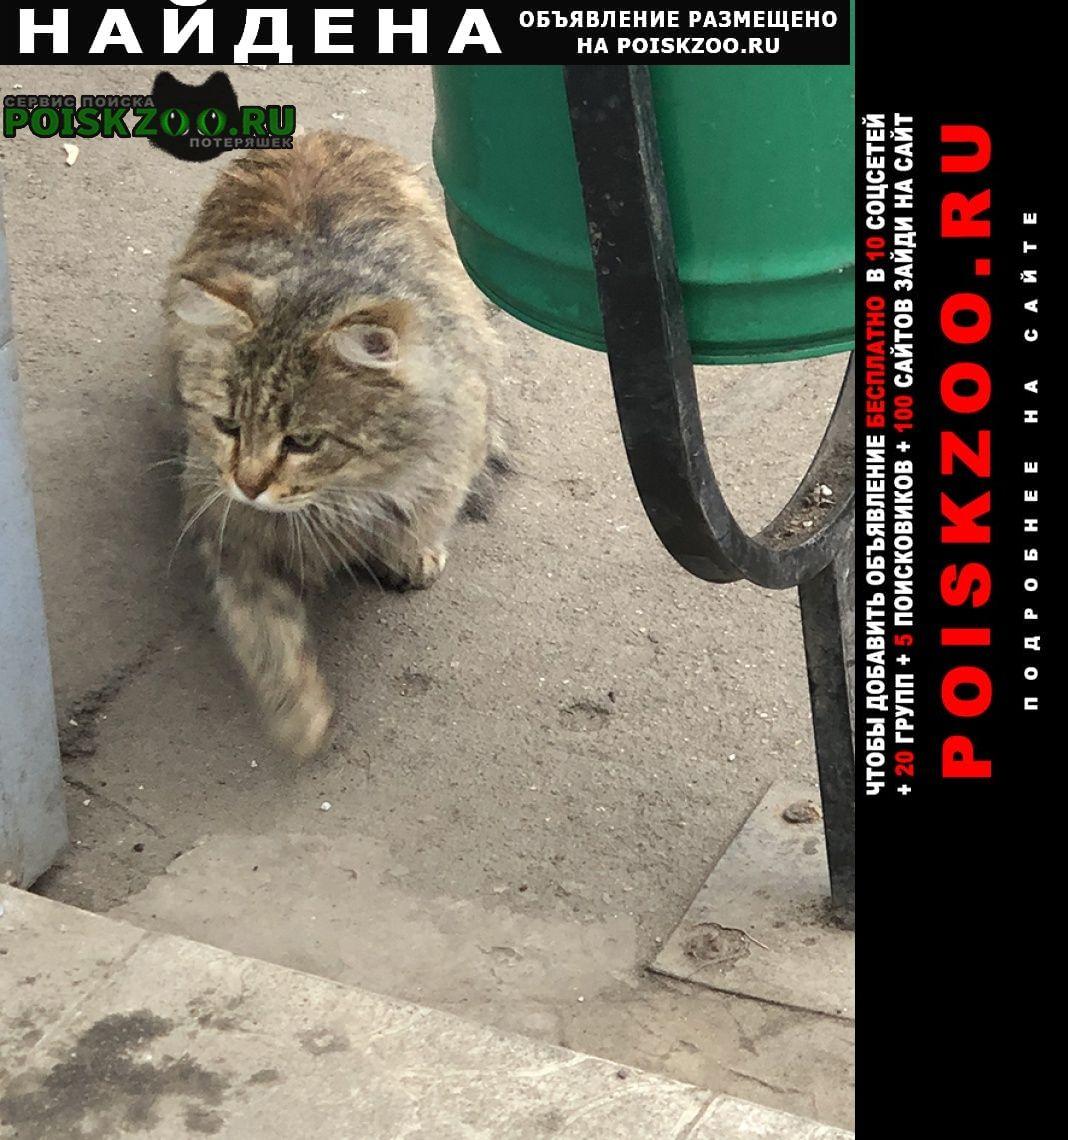 Найден кот замечен домашний Москва